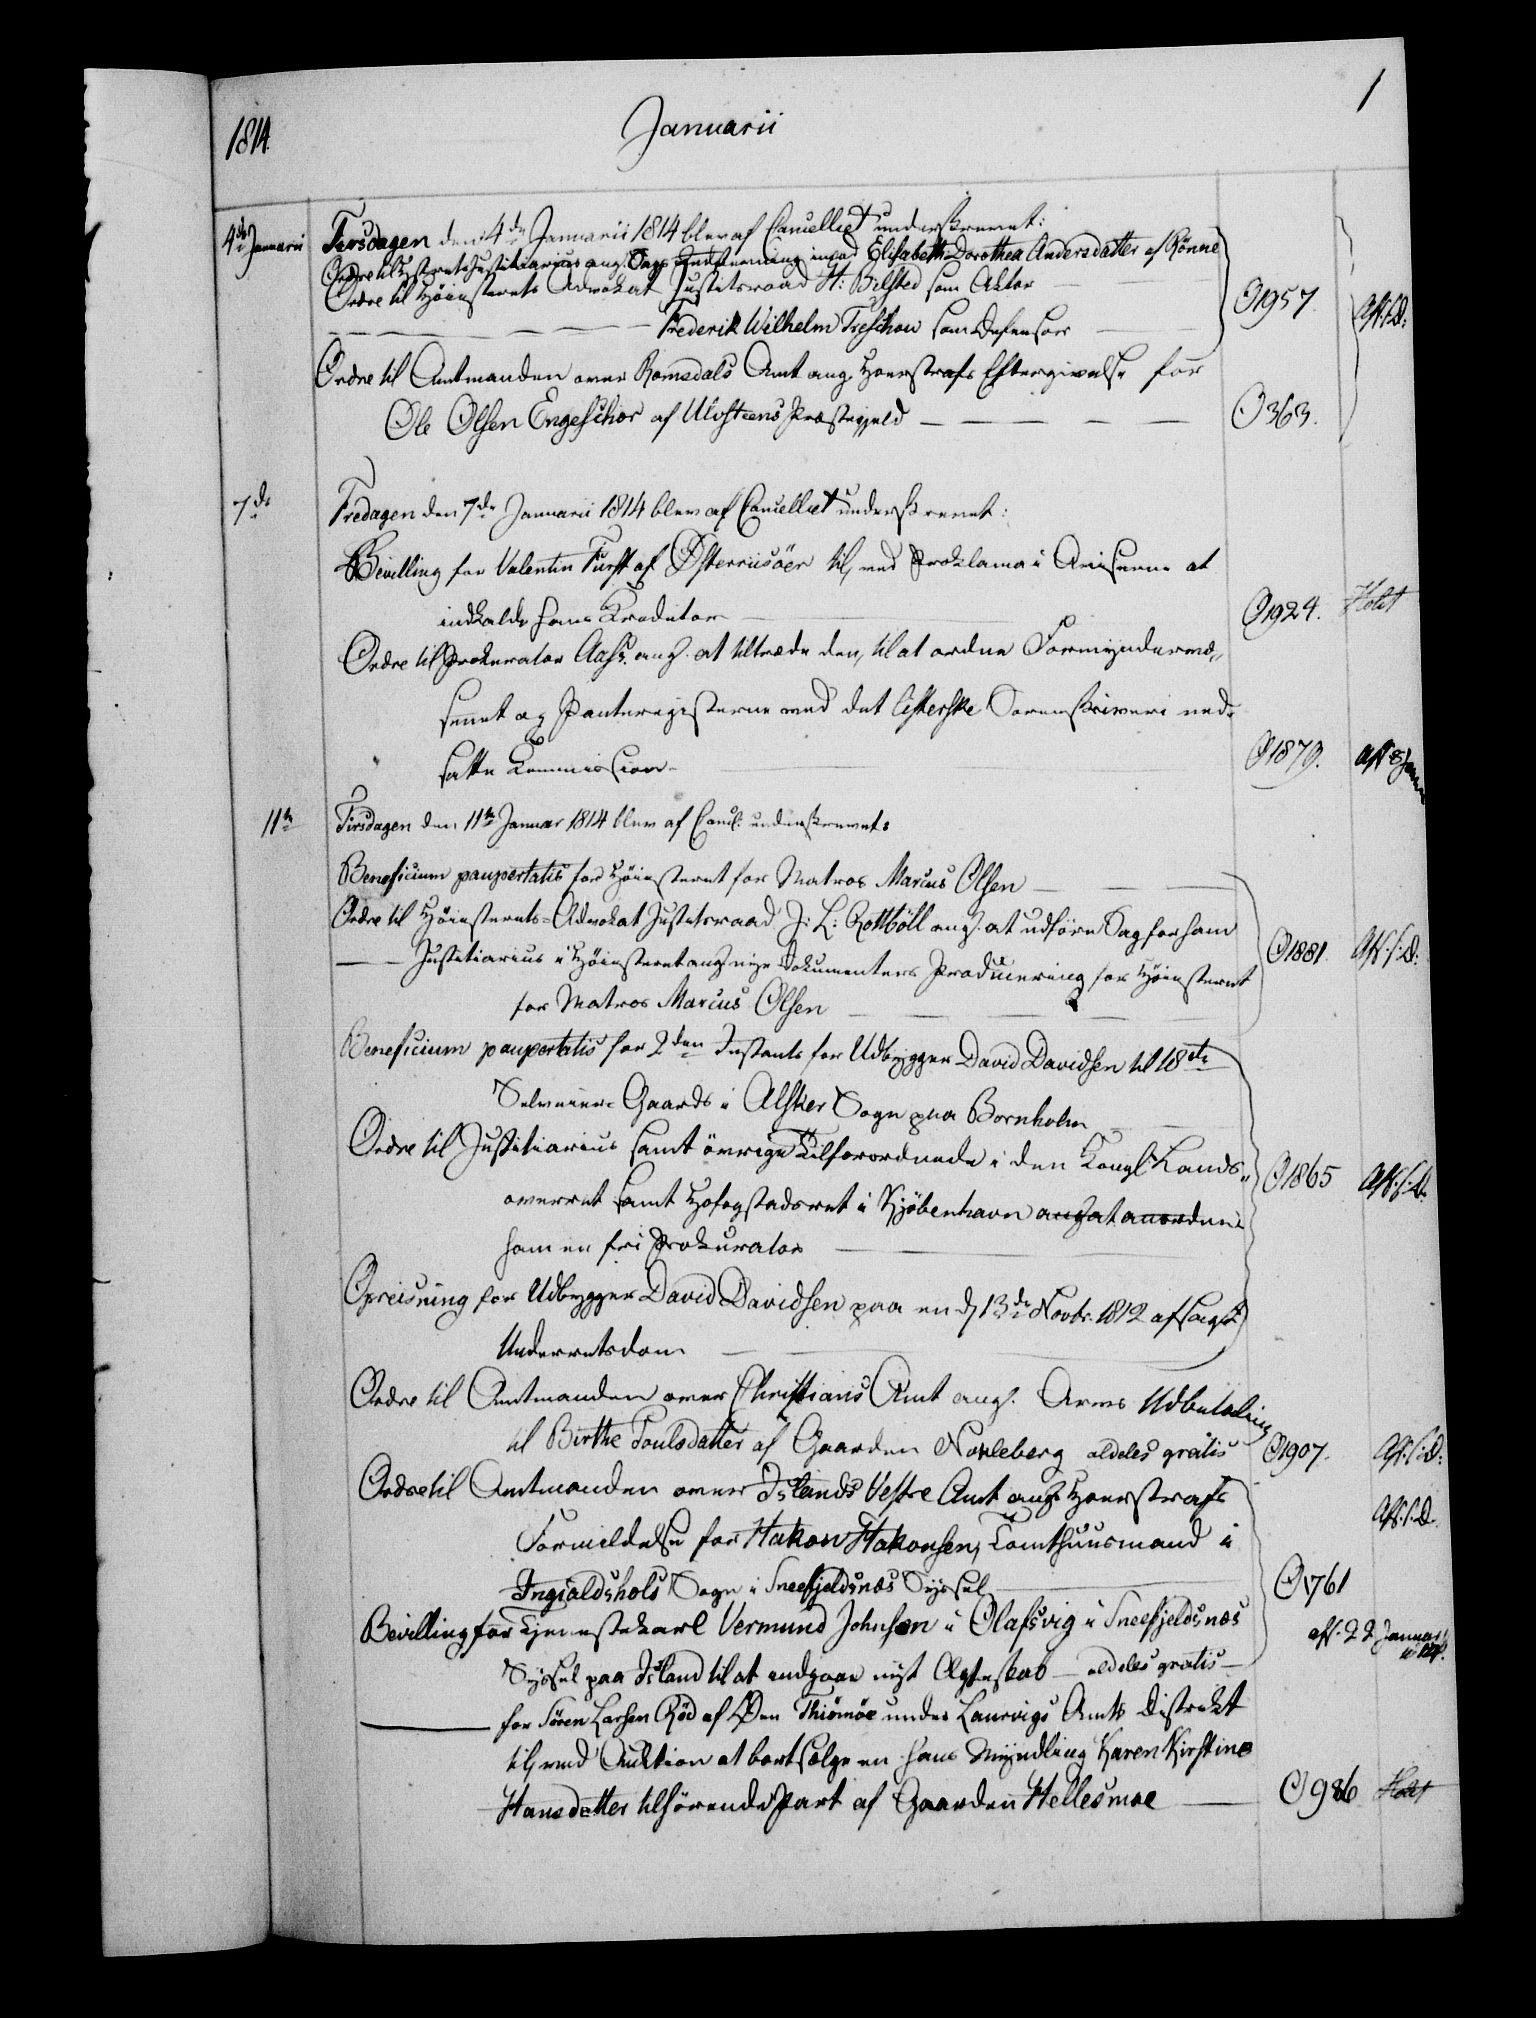 RA, Danske Kanselli 1800-1814, H/Hf/Hfb/Hfbc/L0015: Underskrivelsesbok m. register, 1814, p. 1